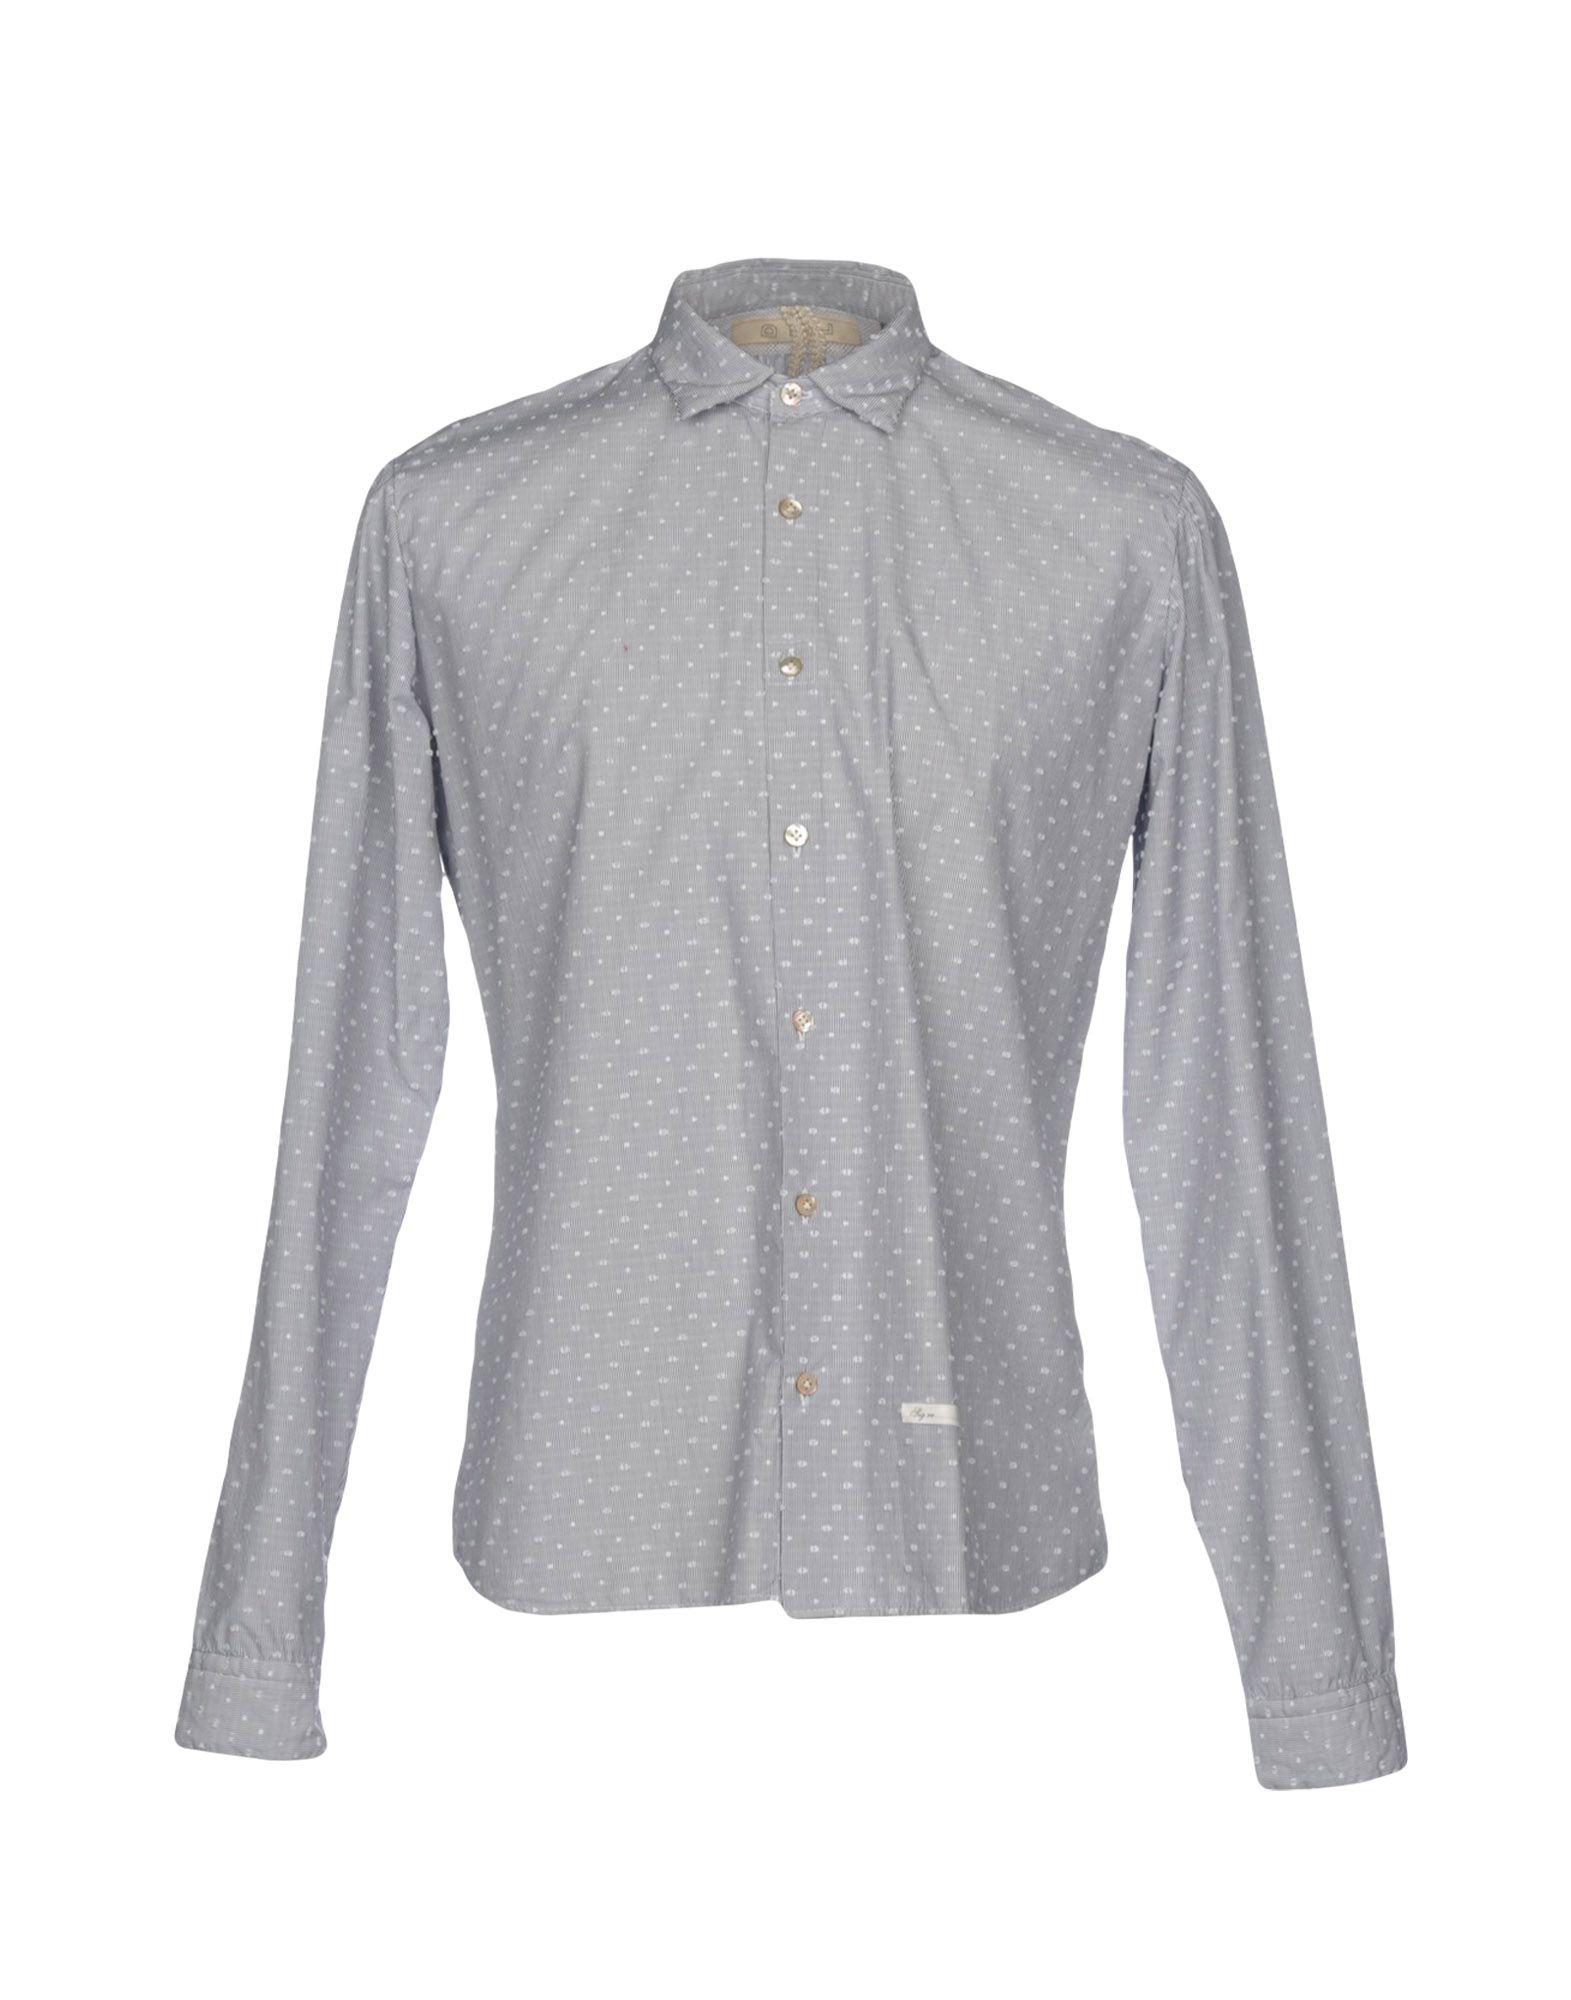 《送料無料》DISCRIMINATIONLESS メンズ シャツ グレー 40 コットン 100%